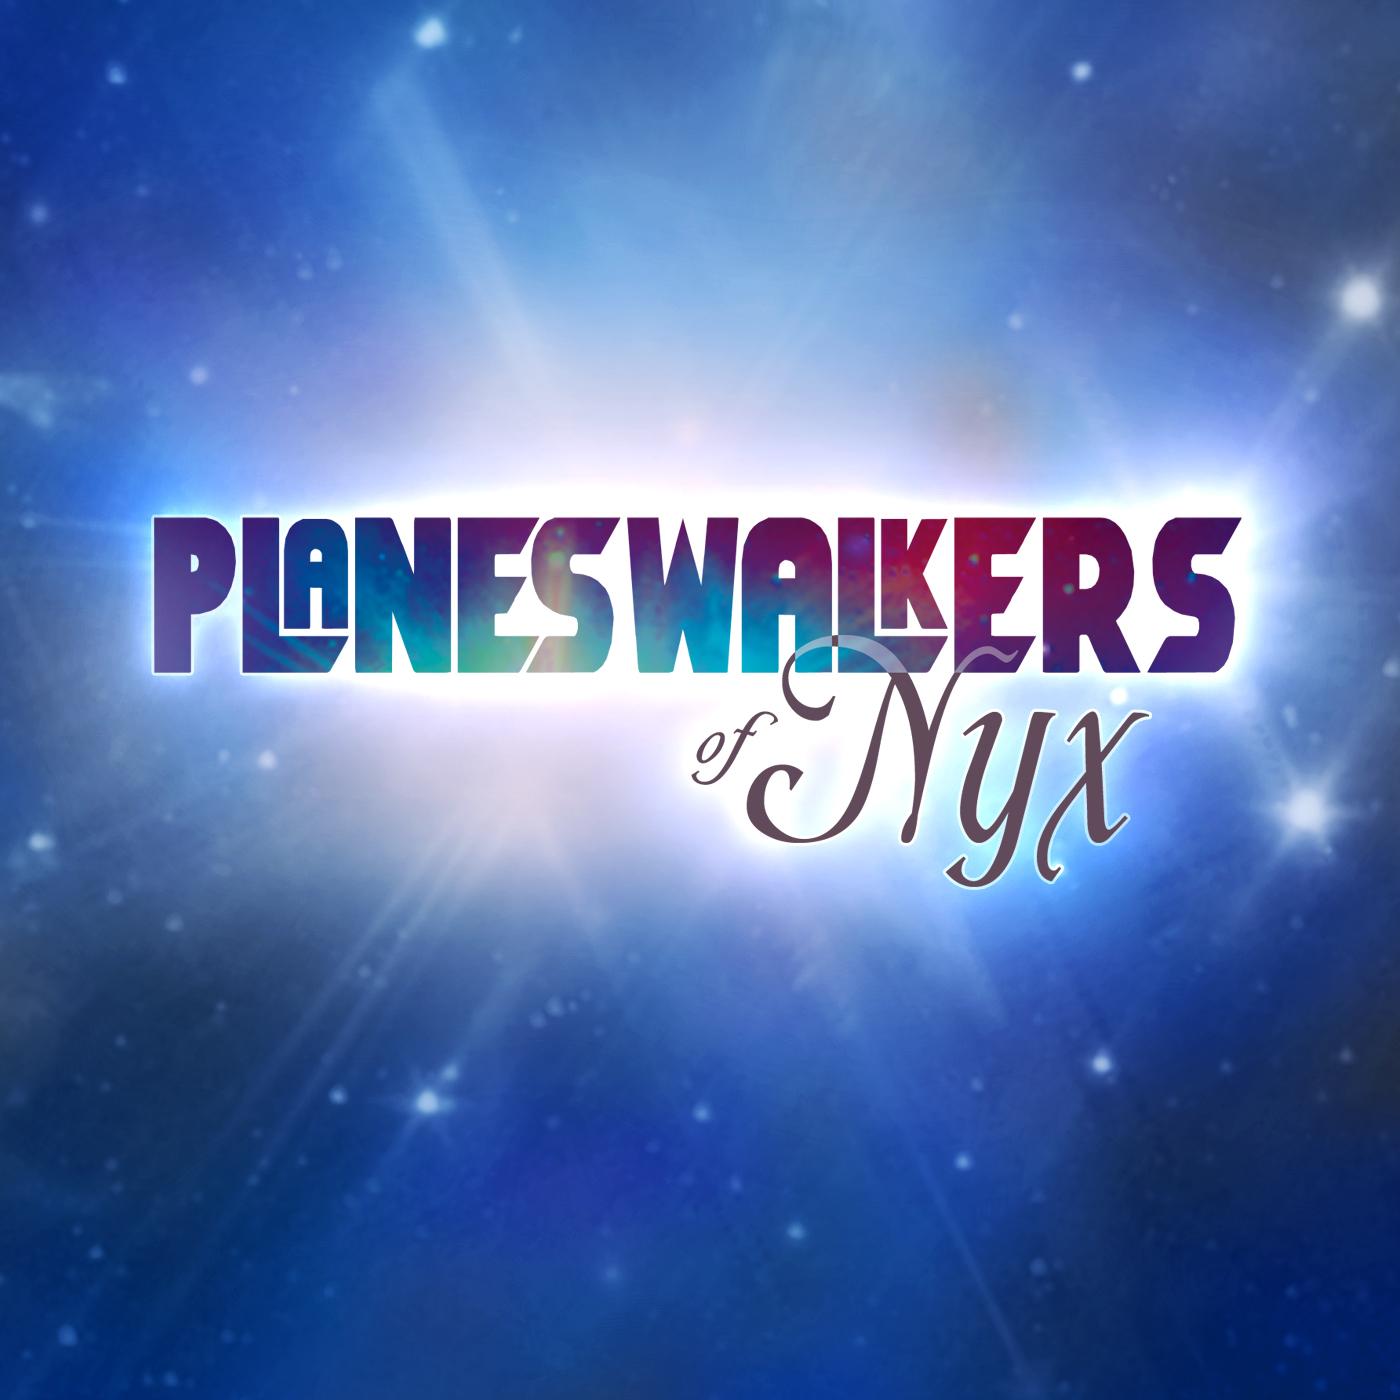 Planeswalkers of Nyx - Starwalker Studios